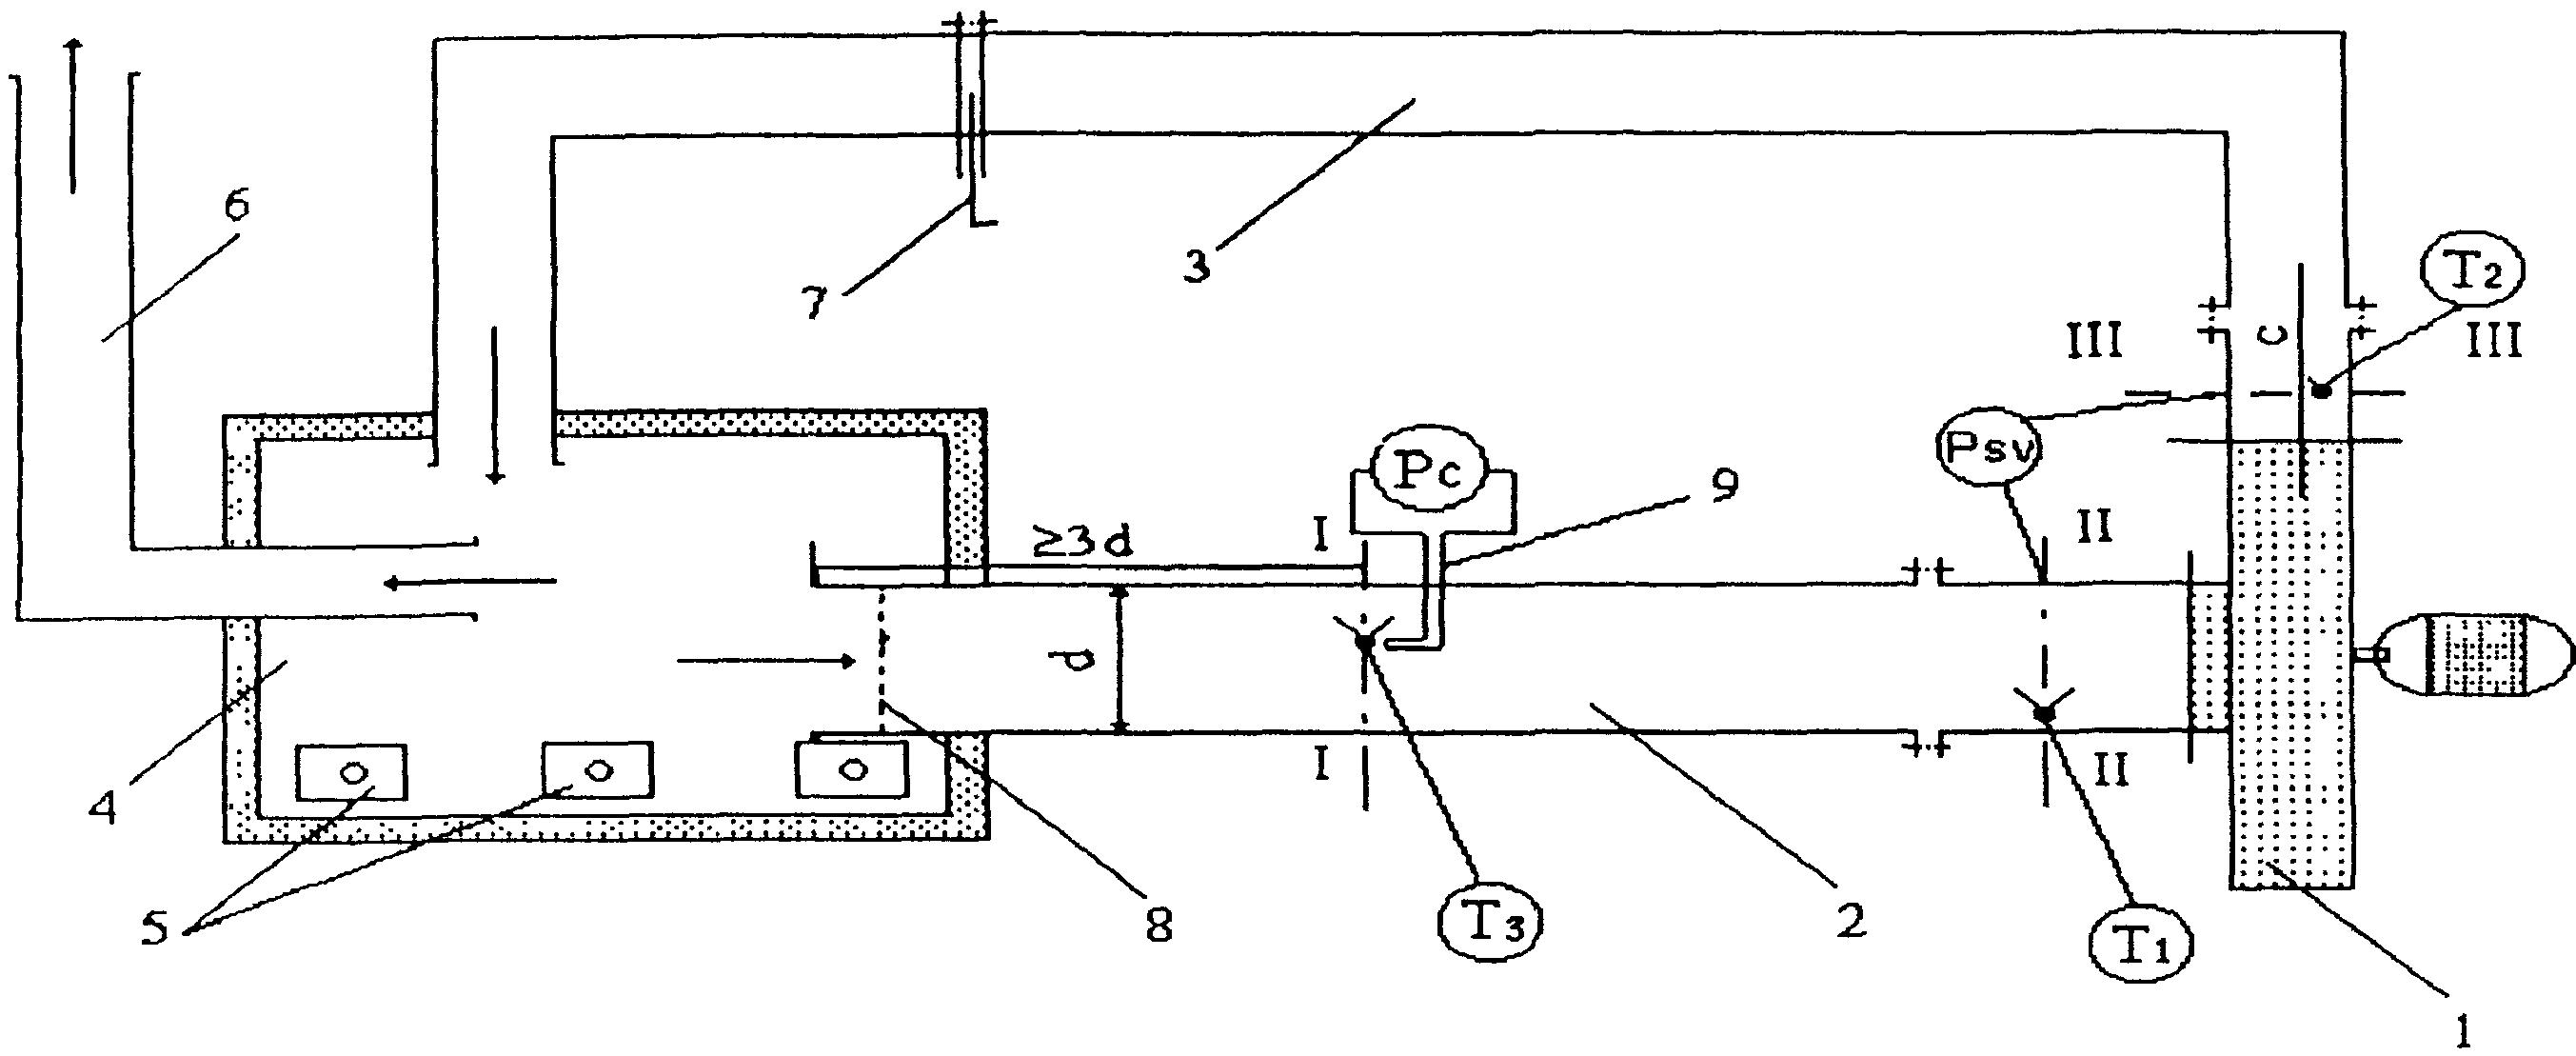 Схема стенда для испытания вентиляторов.  1- испытываемый образец вентилятора, 2 - всасывающий воздуховод, 3...